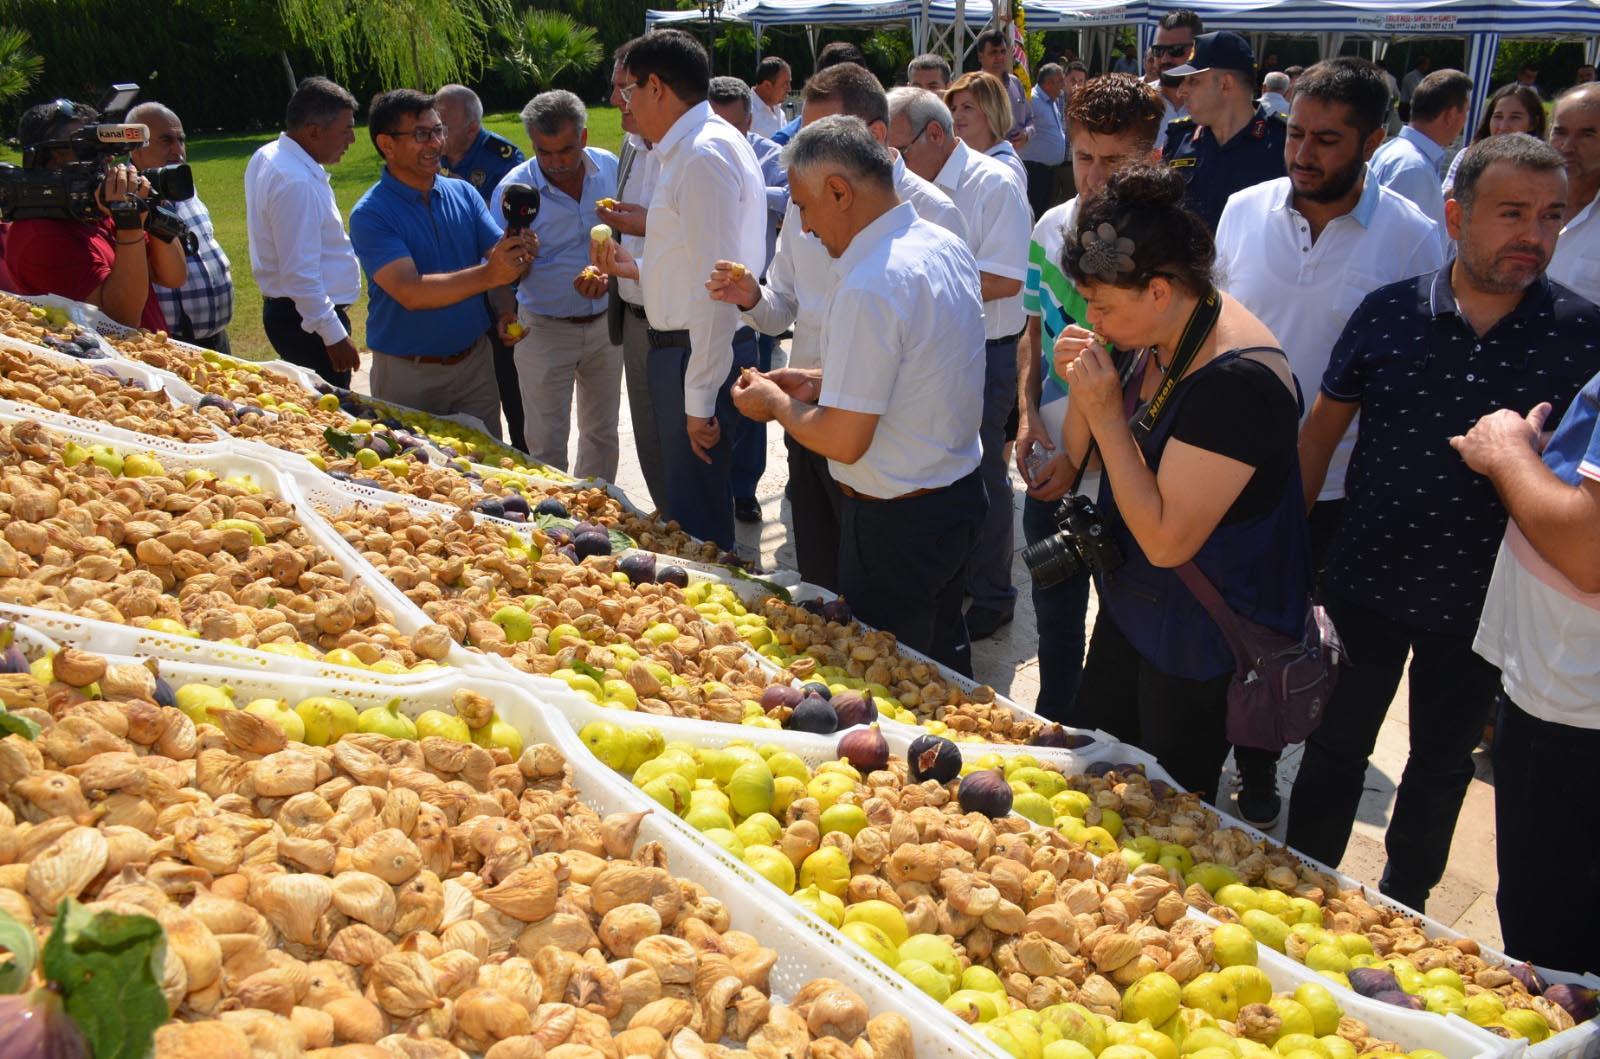 Sezonun ilk kuru inciri çıktı! Kilosu 250 TL'den satıldı